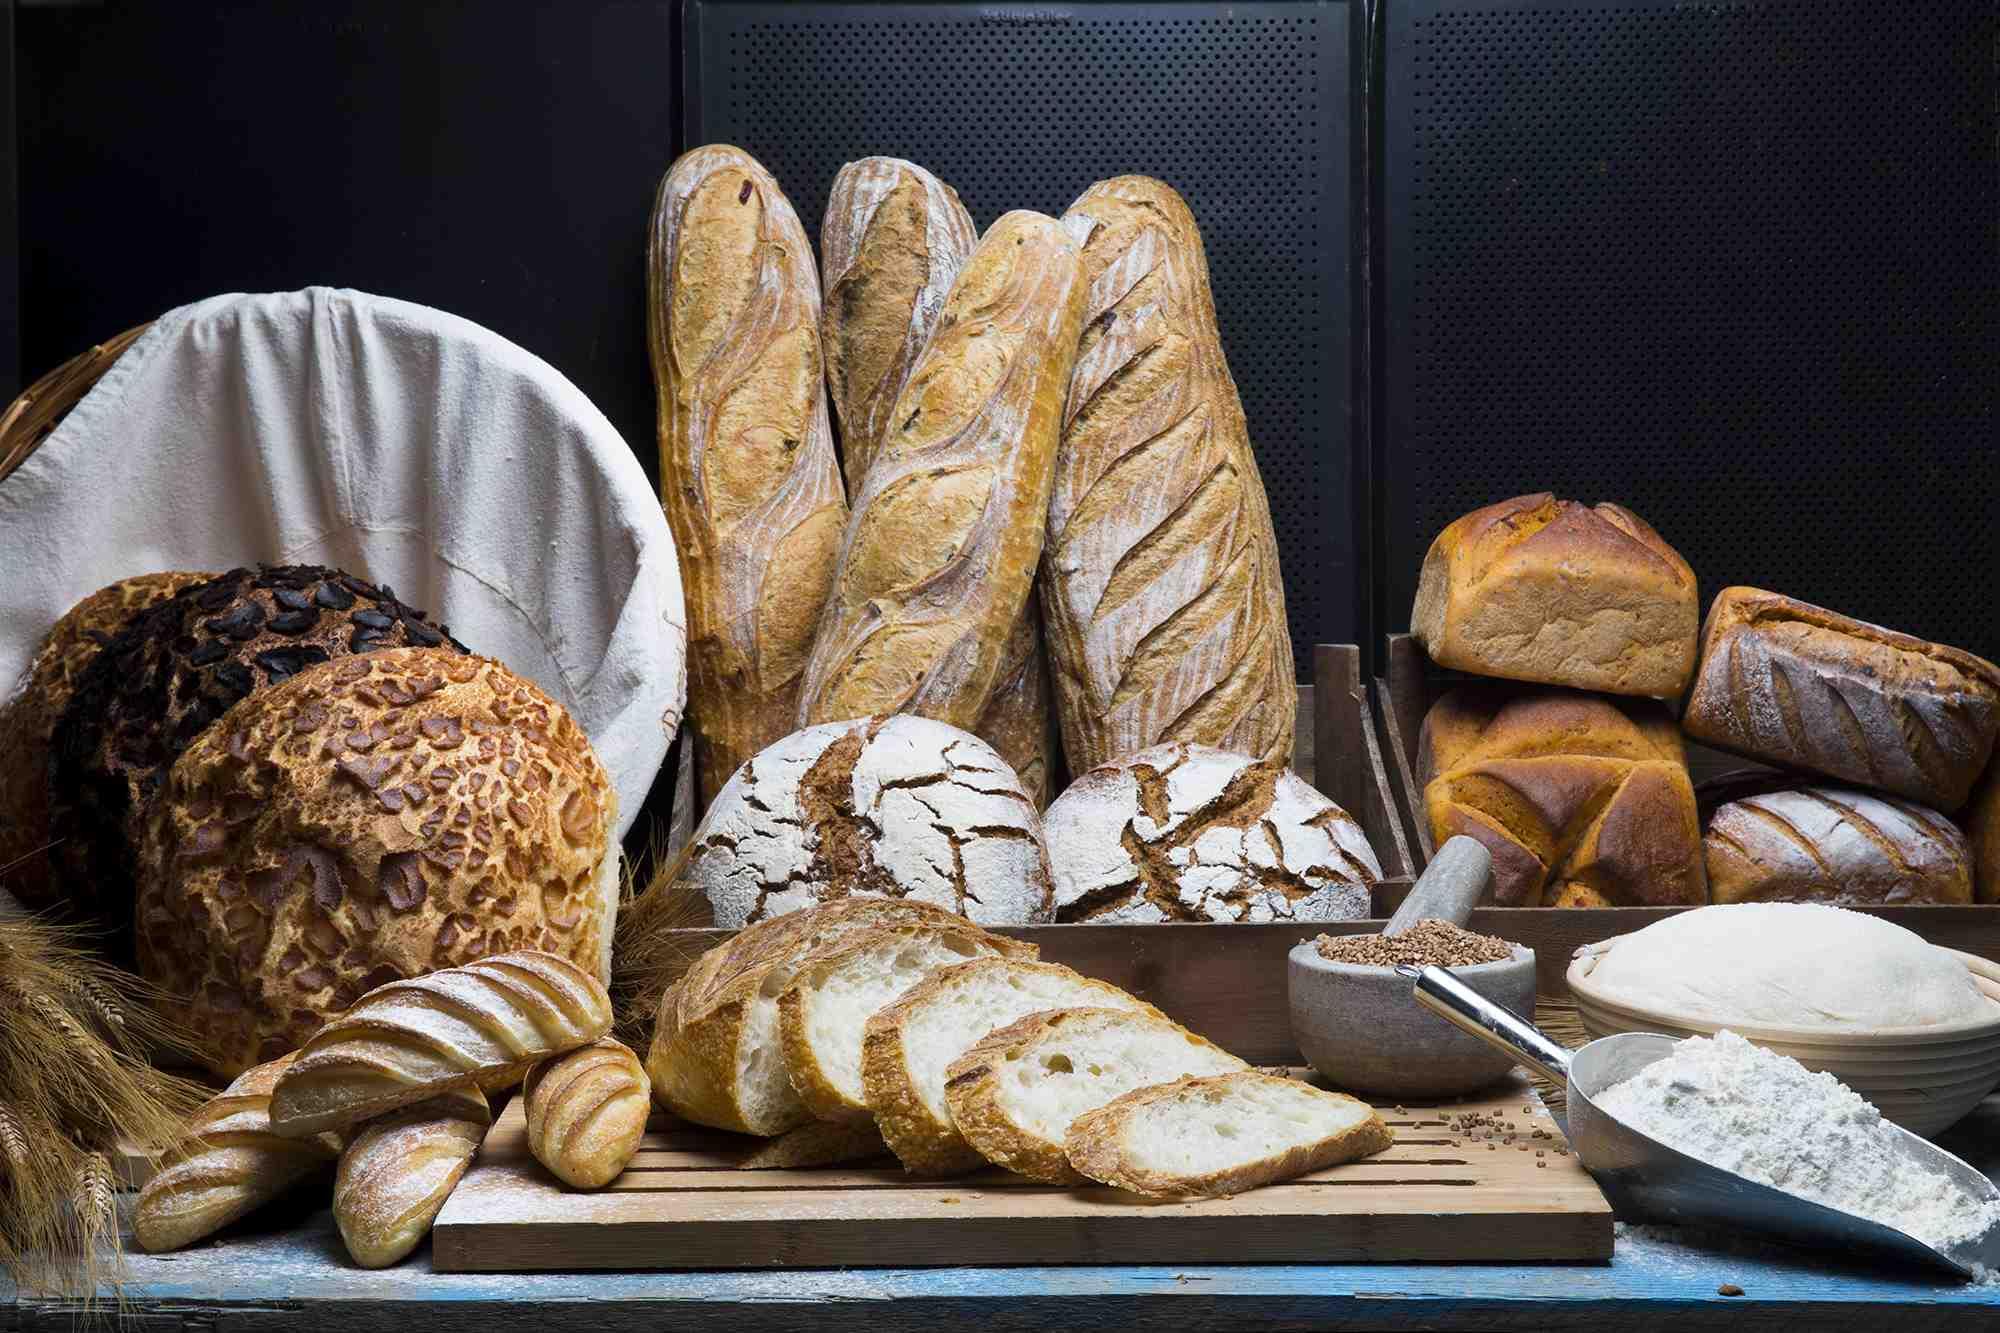 Profesyonel Ekmekçilik Eğitimleri/Probiyotik Doğal Maya Kültüründen;Ekşi Mayalı Ekmek Yapımı